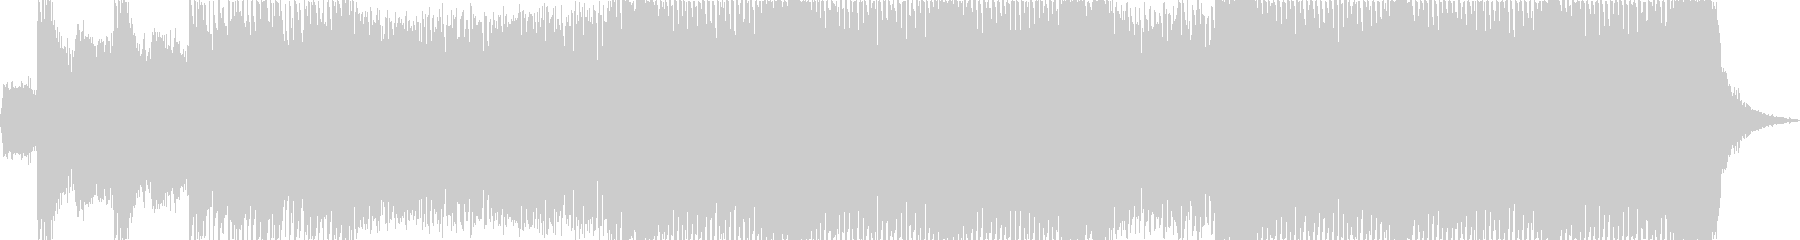 【リード抜】ヘヴィーで攻撃的エレキギターの未再生の波形